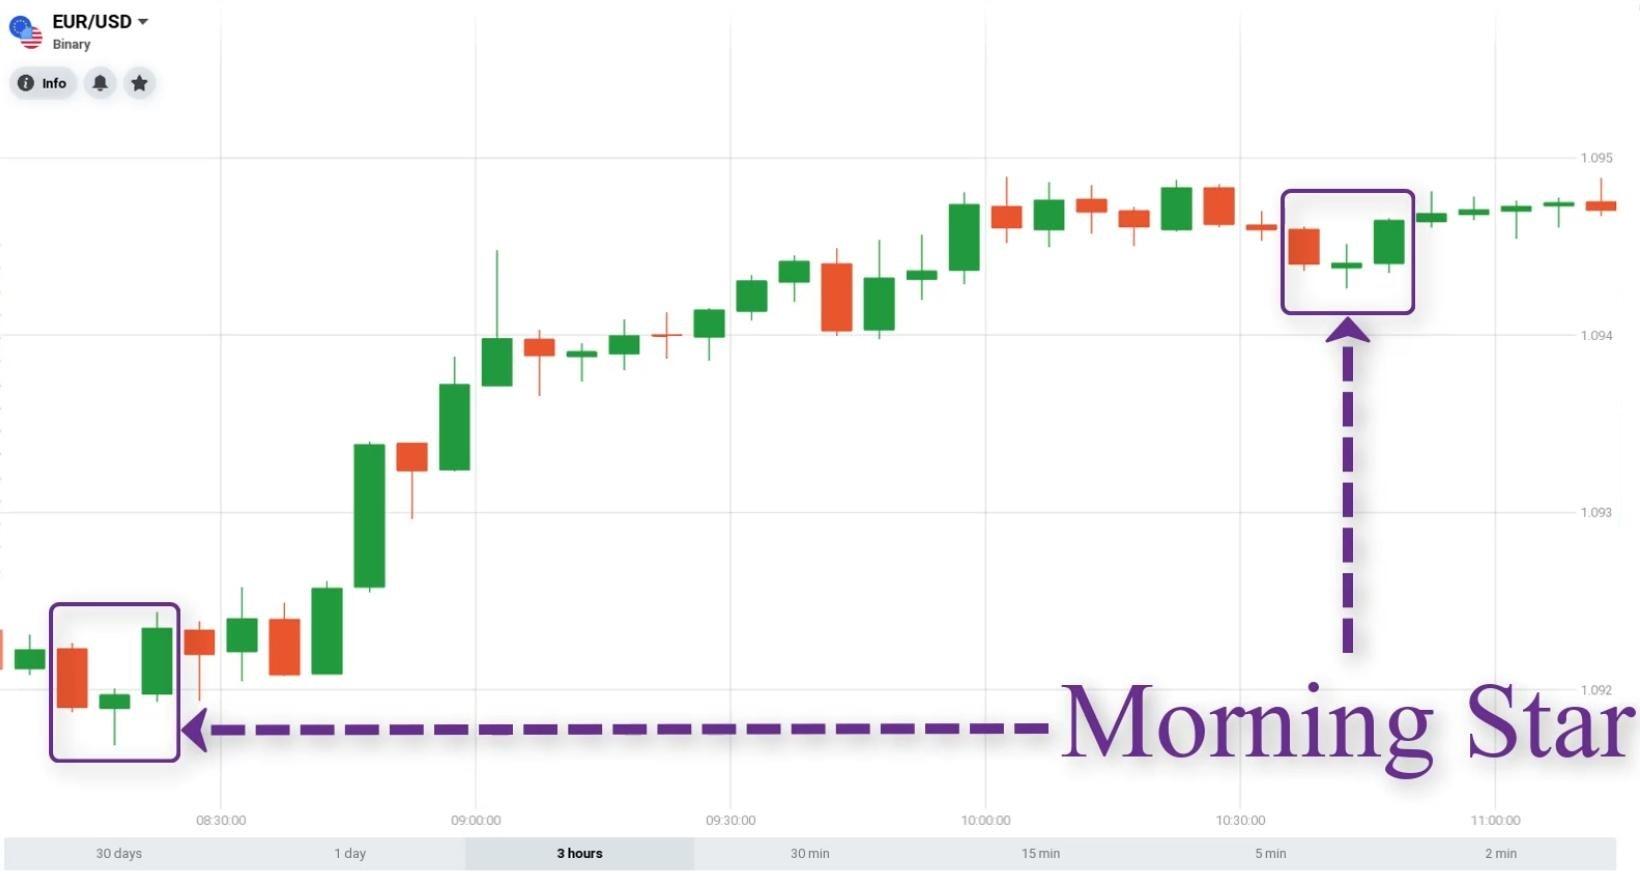 شکل الگوی ستاره صبح در نمودار شمعدان ژاپن